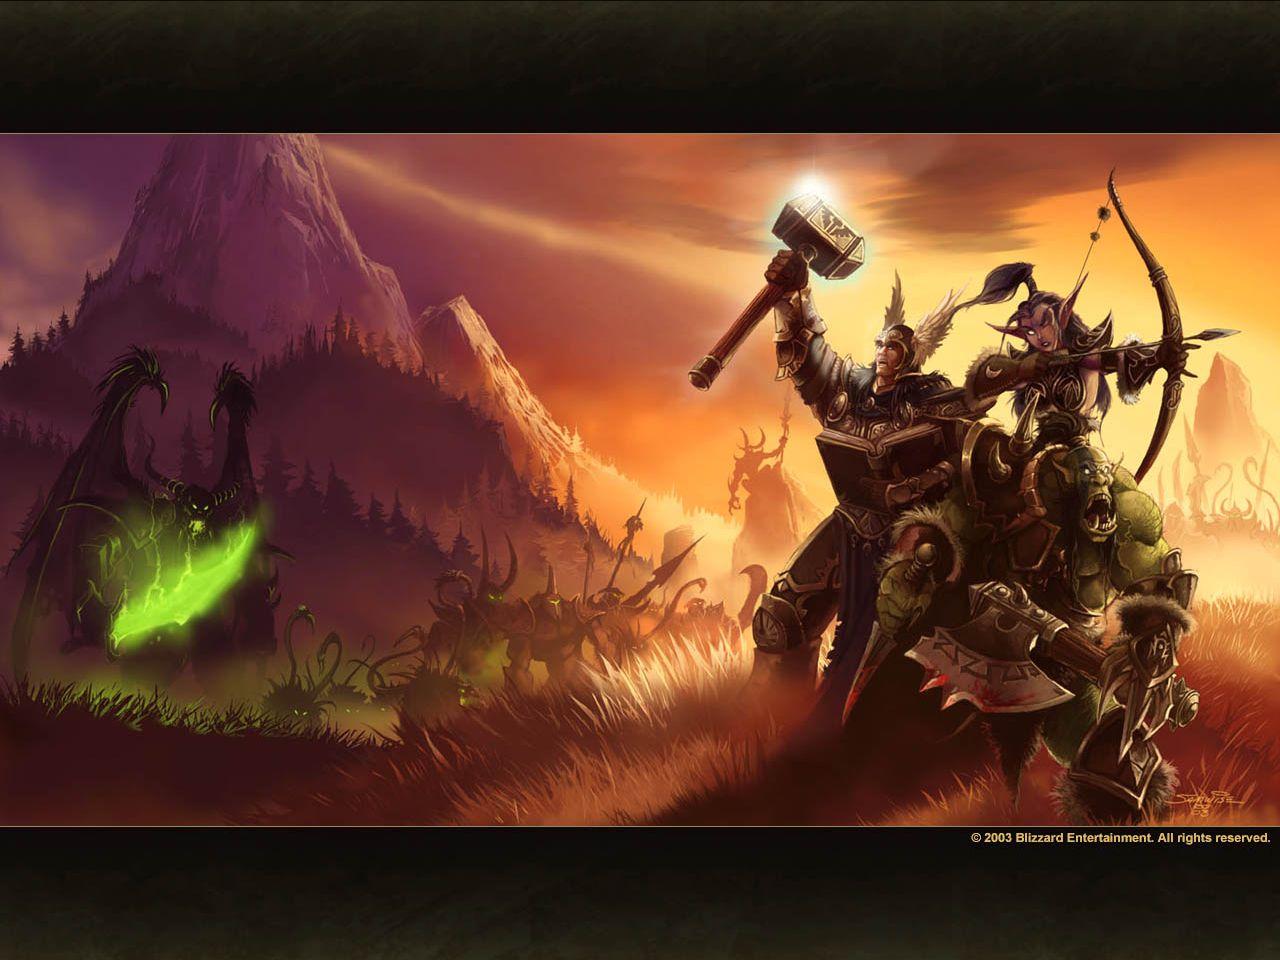 《魔兽争霸3》游戏壁纸(8)